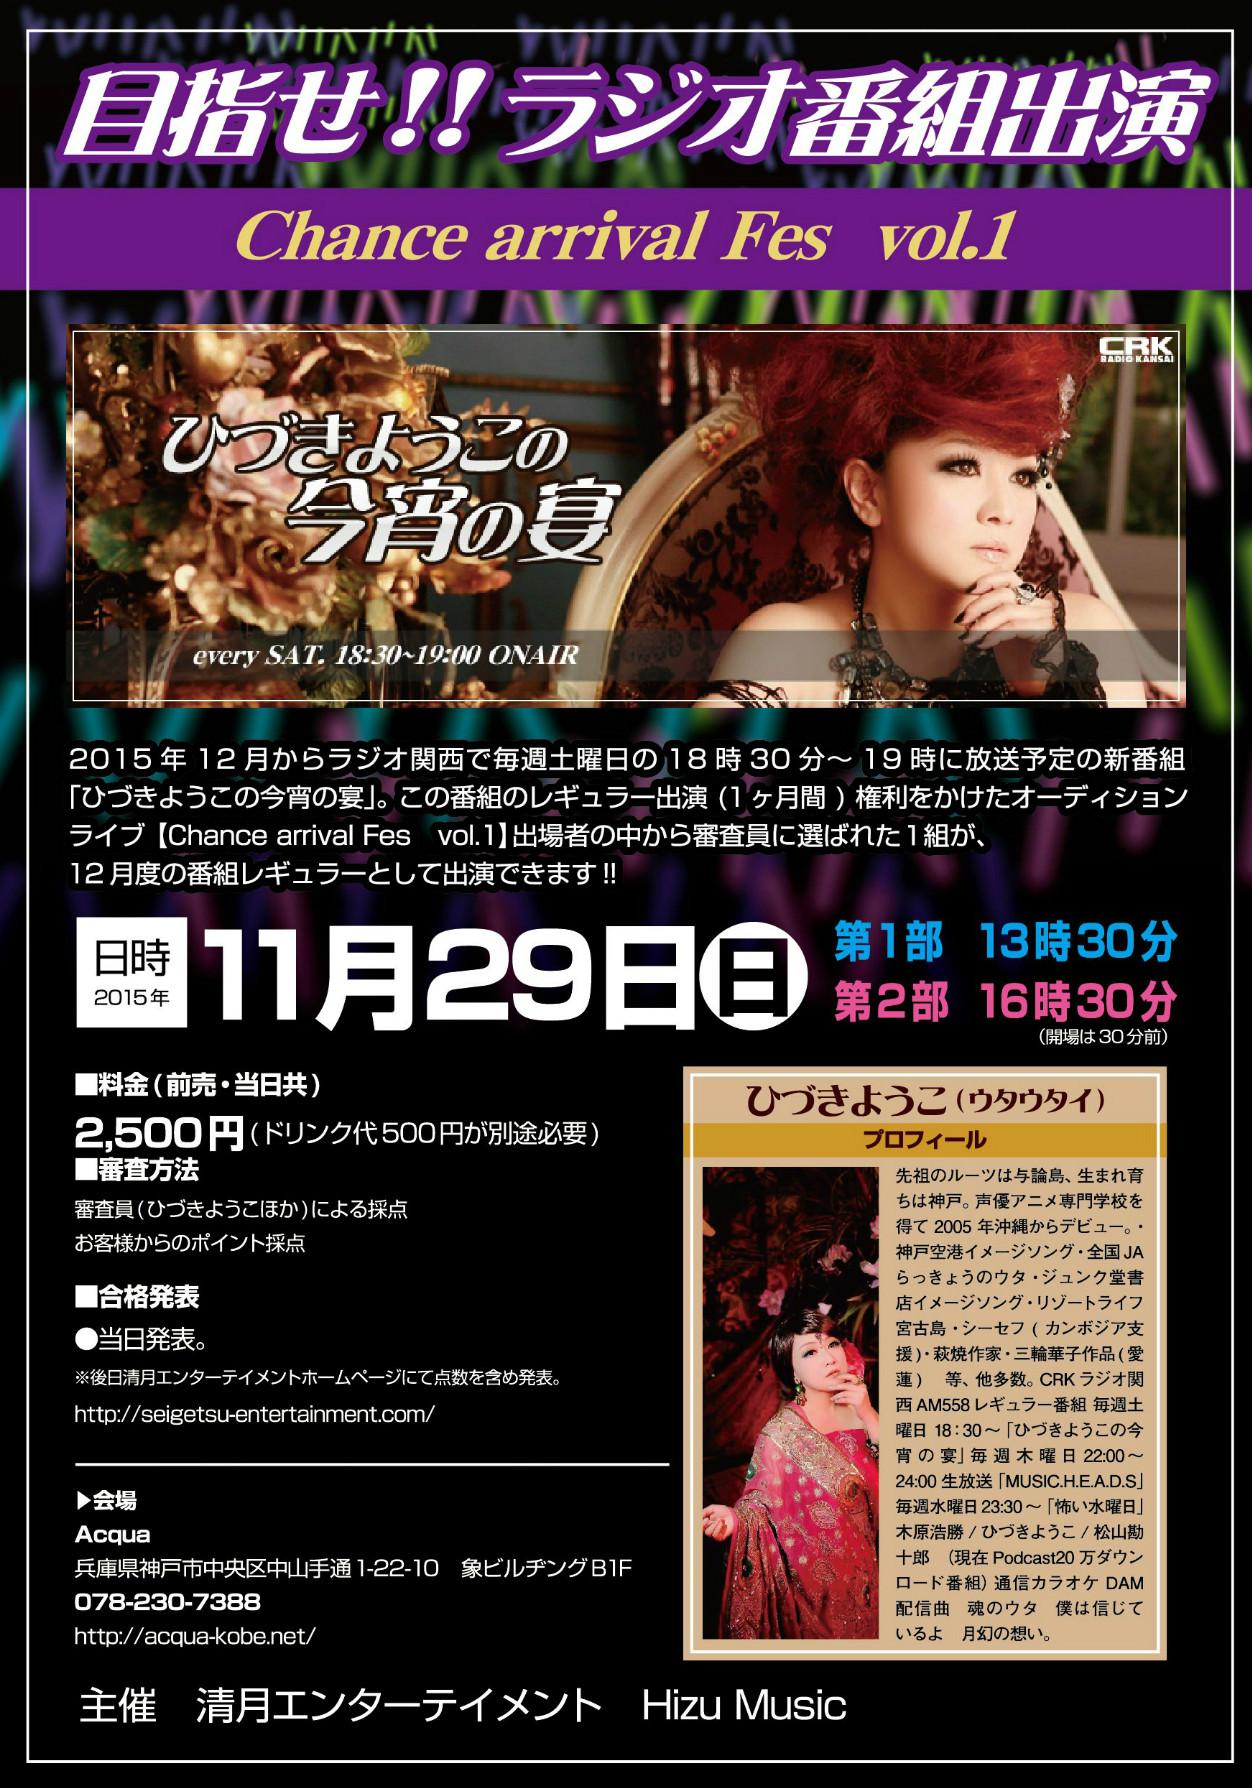 めざせラジオ番組出演!!【Chance arrival Fes vol.1】11月29日(日)